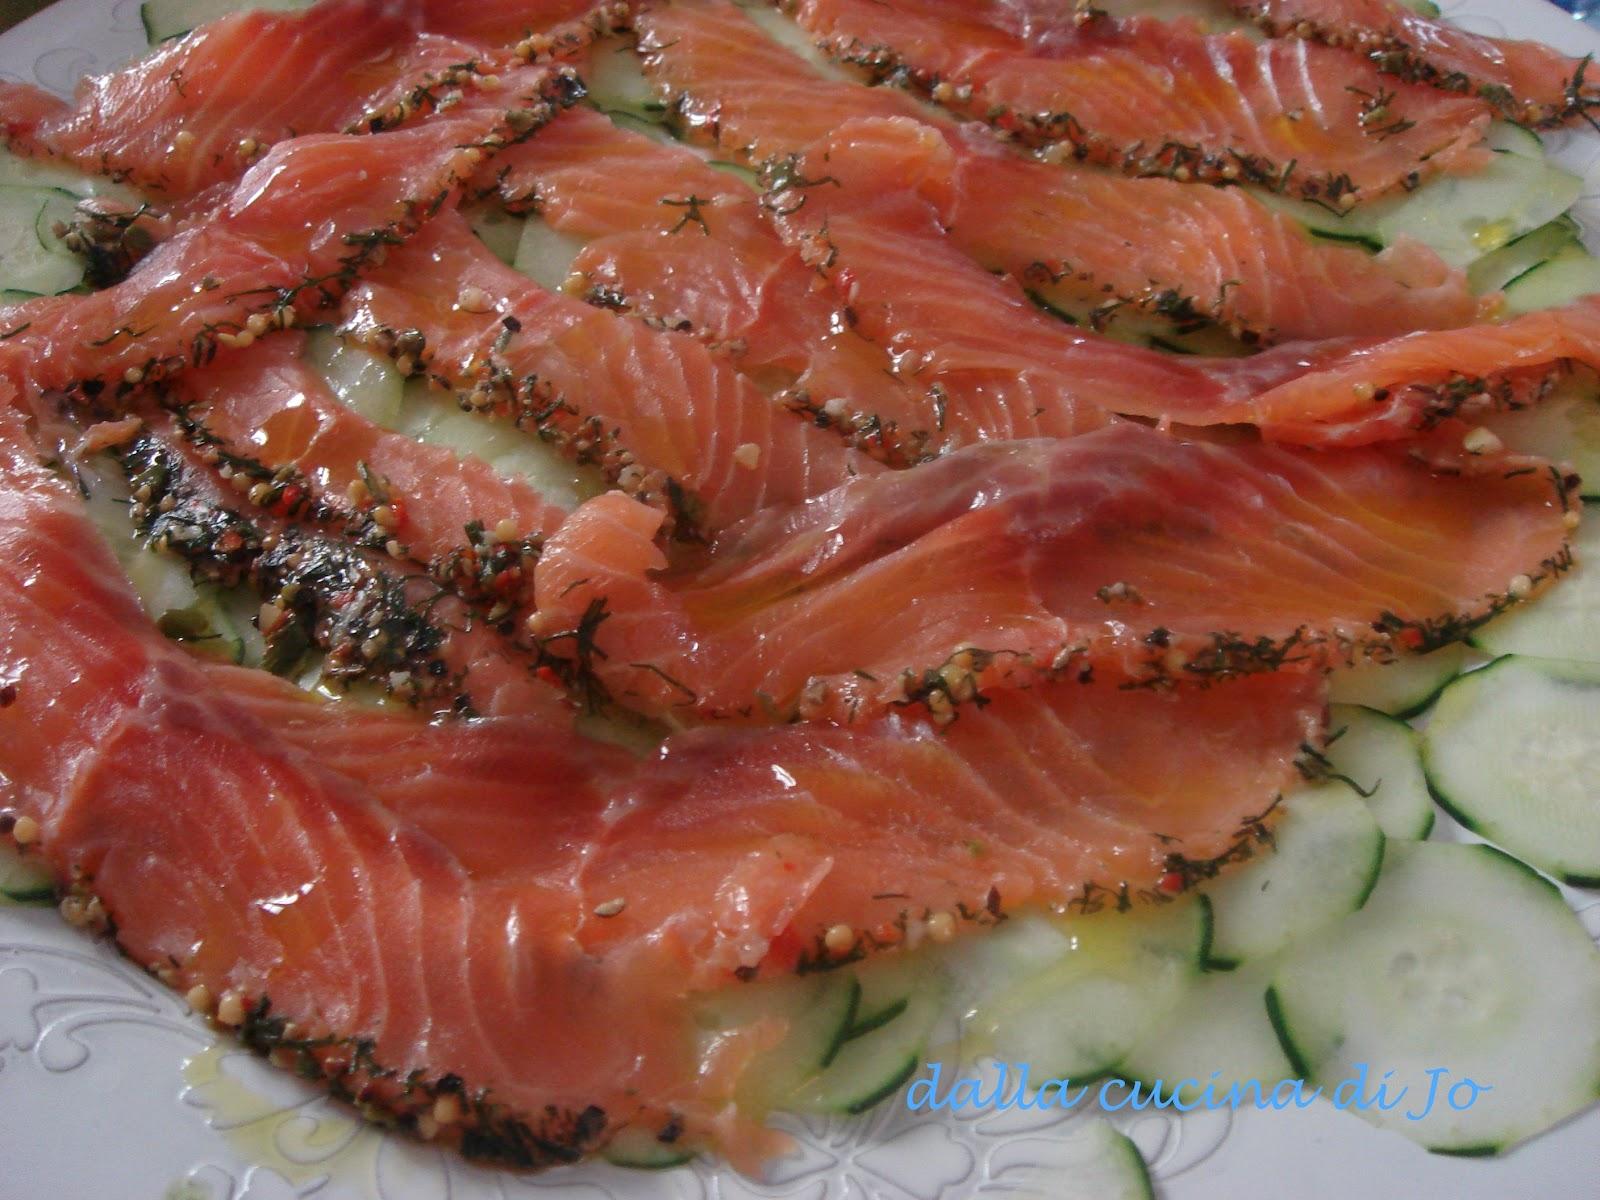 39 39 dalla cucina di jo 39 39 salmone norvegese marinato e cetrioli for Cucina norvegese